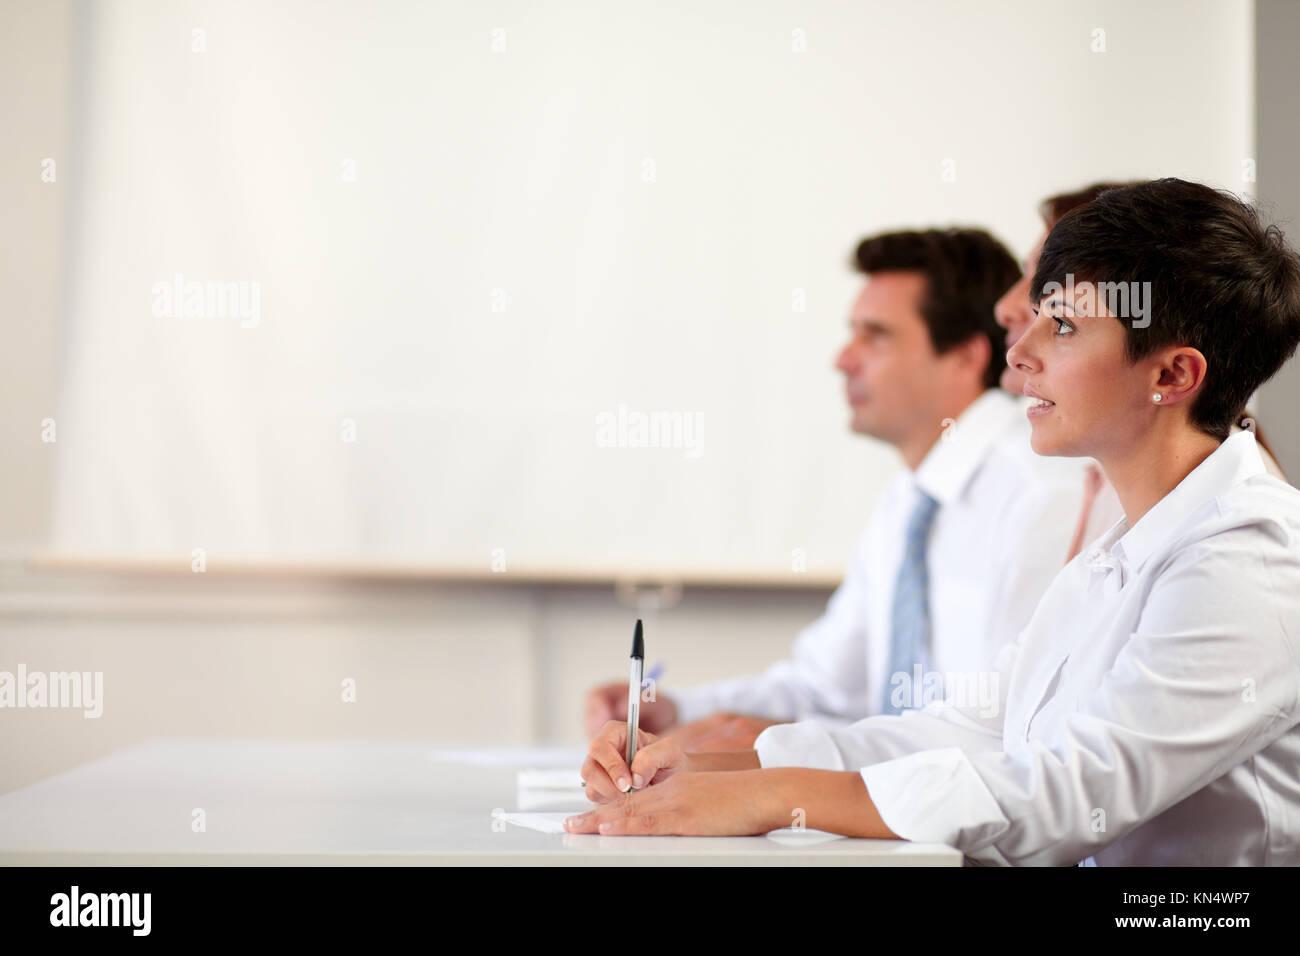 Portrait d'un joli portrait à la direction lors de la présentation en face d'un collègue Photo Stock